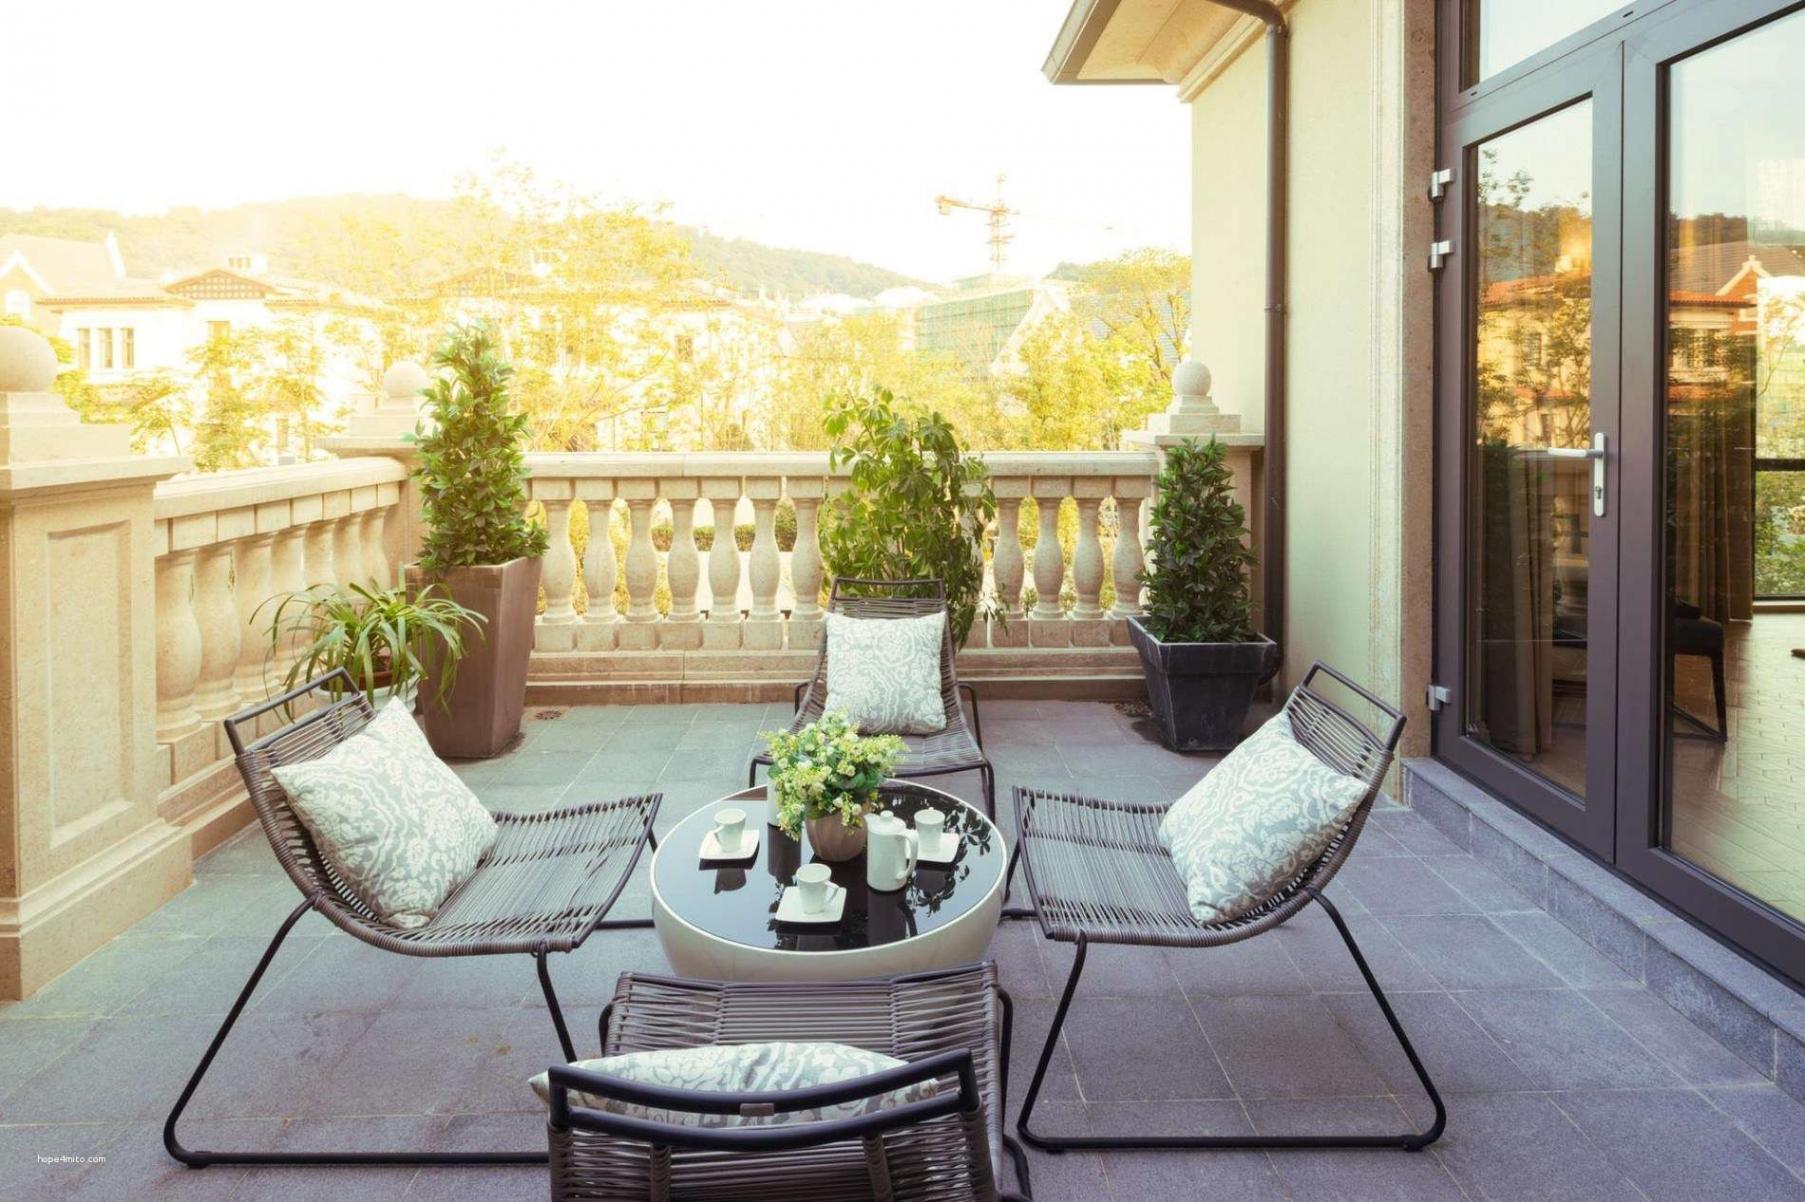 35 neu balkon ideen selber machen terrassen deko selber machen terrassen deko selber machen